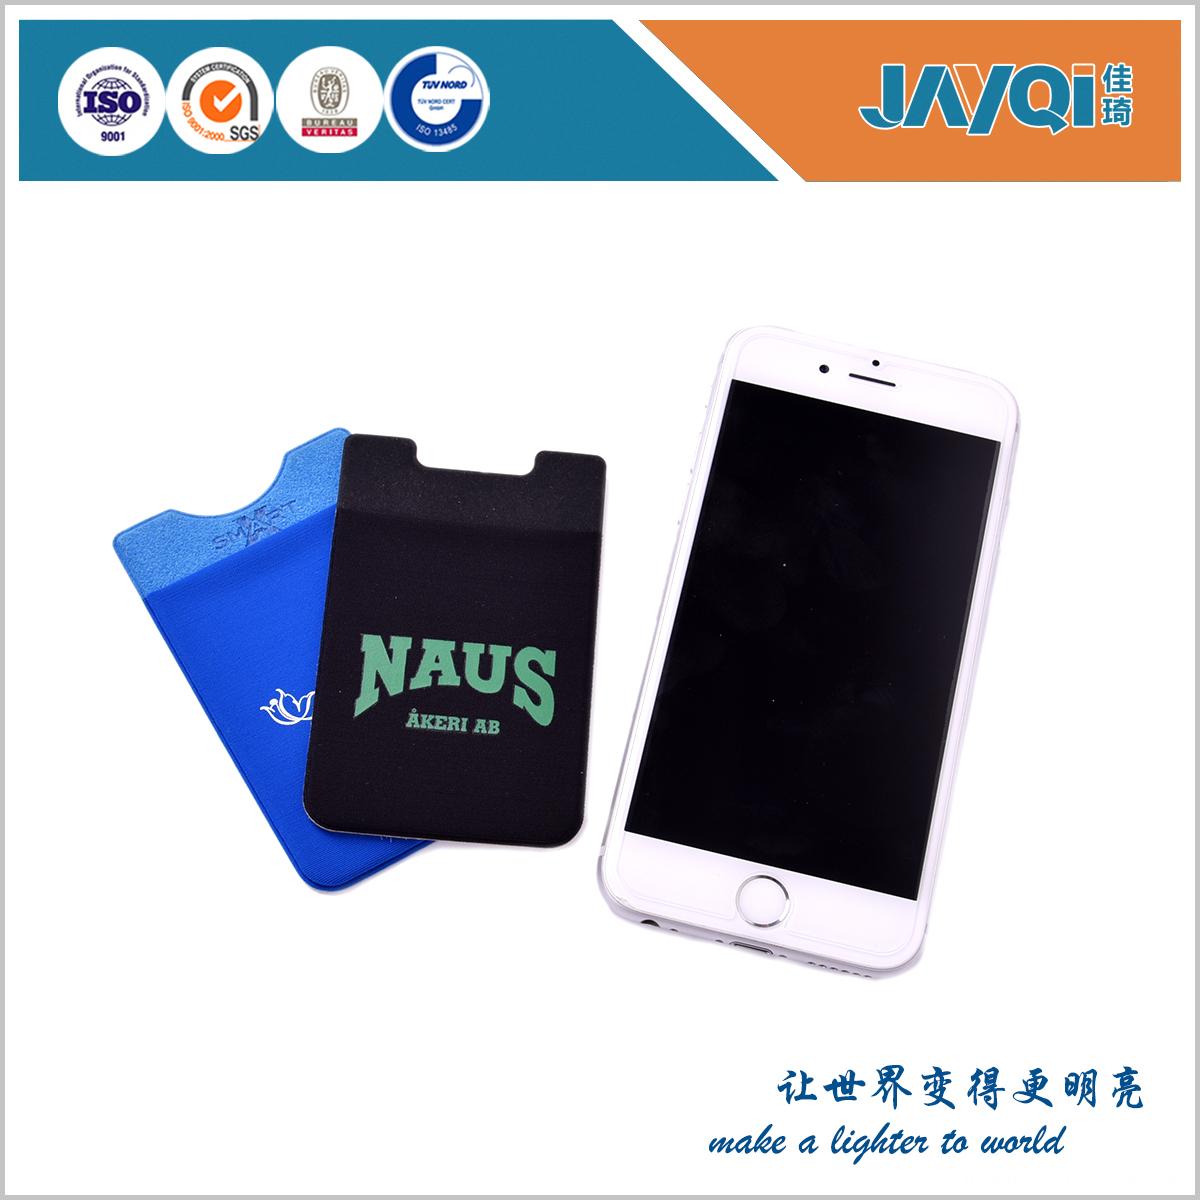 3M Sticker Phone Card Holder